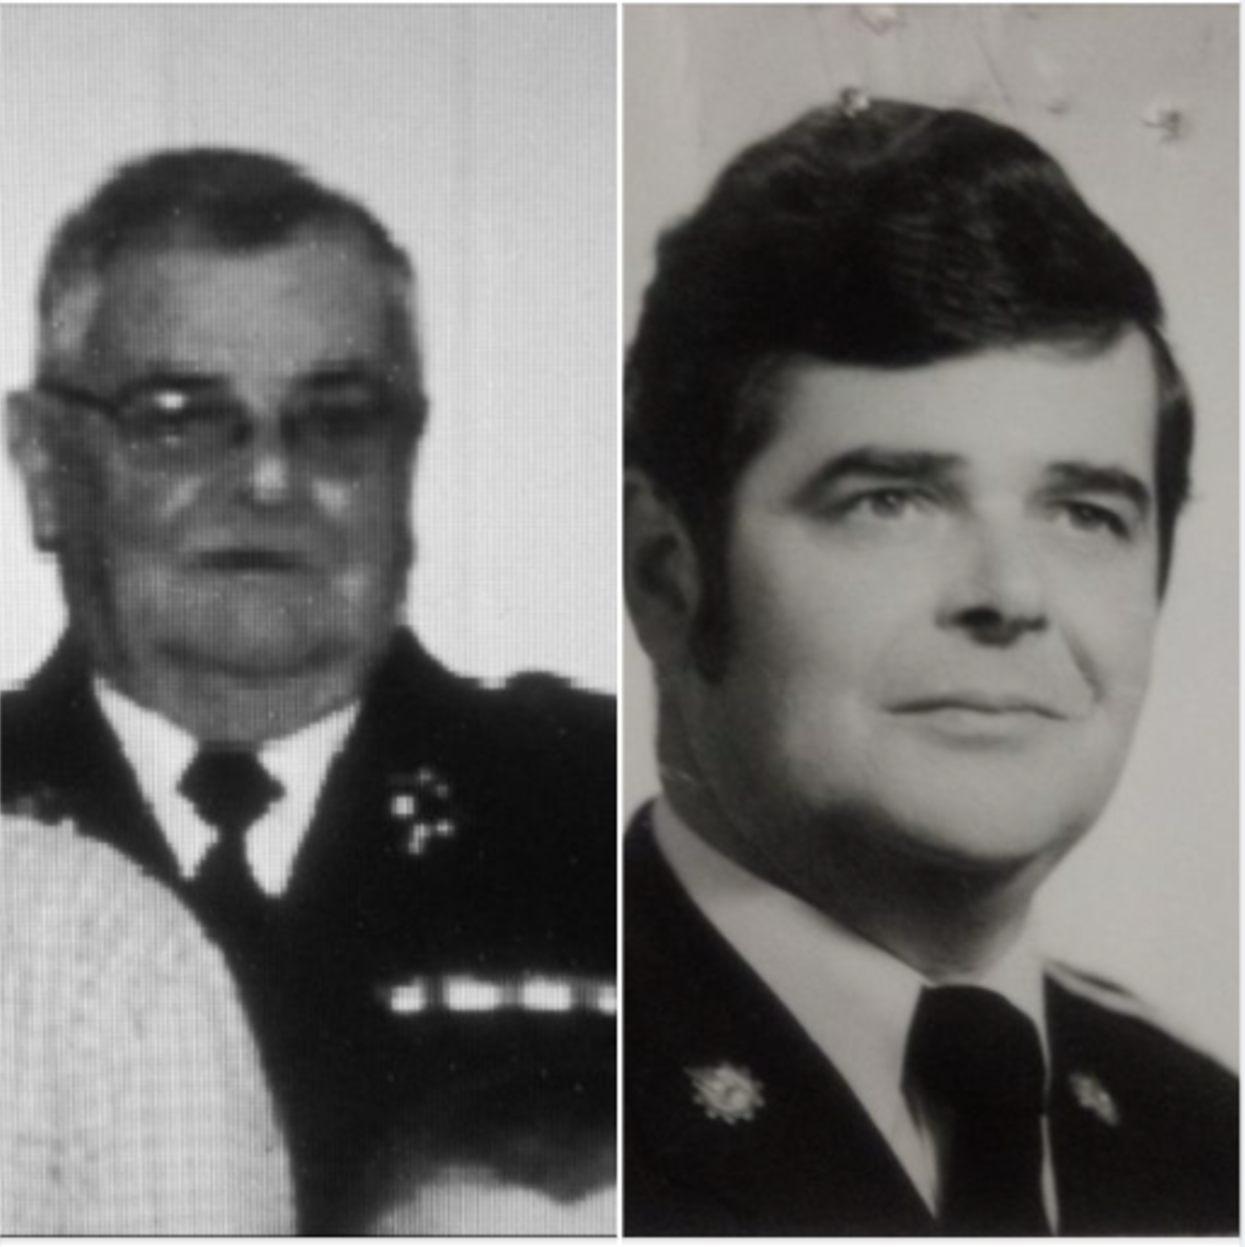 Nie żyje dh. Mirosław Wieczerzyński, który był członkiem Ochotniczej Straży Pożarnej w Grodzisku Mazowieckim od 1962 roku.